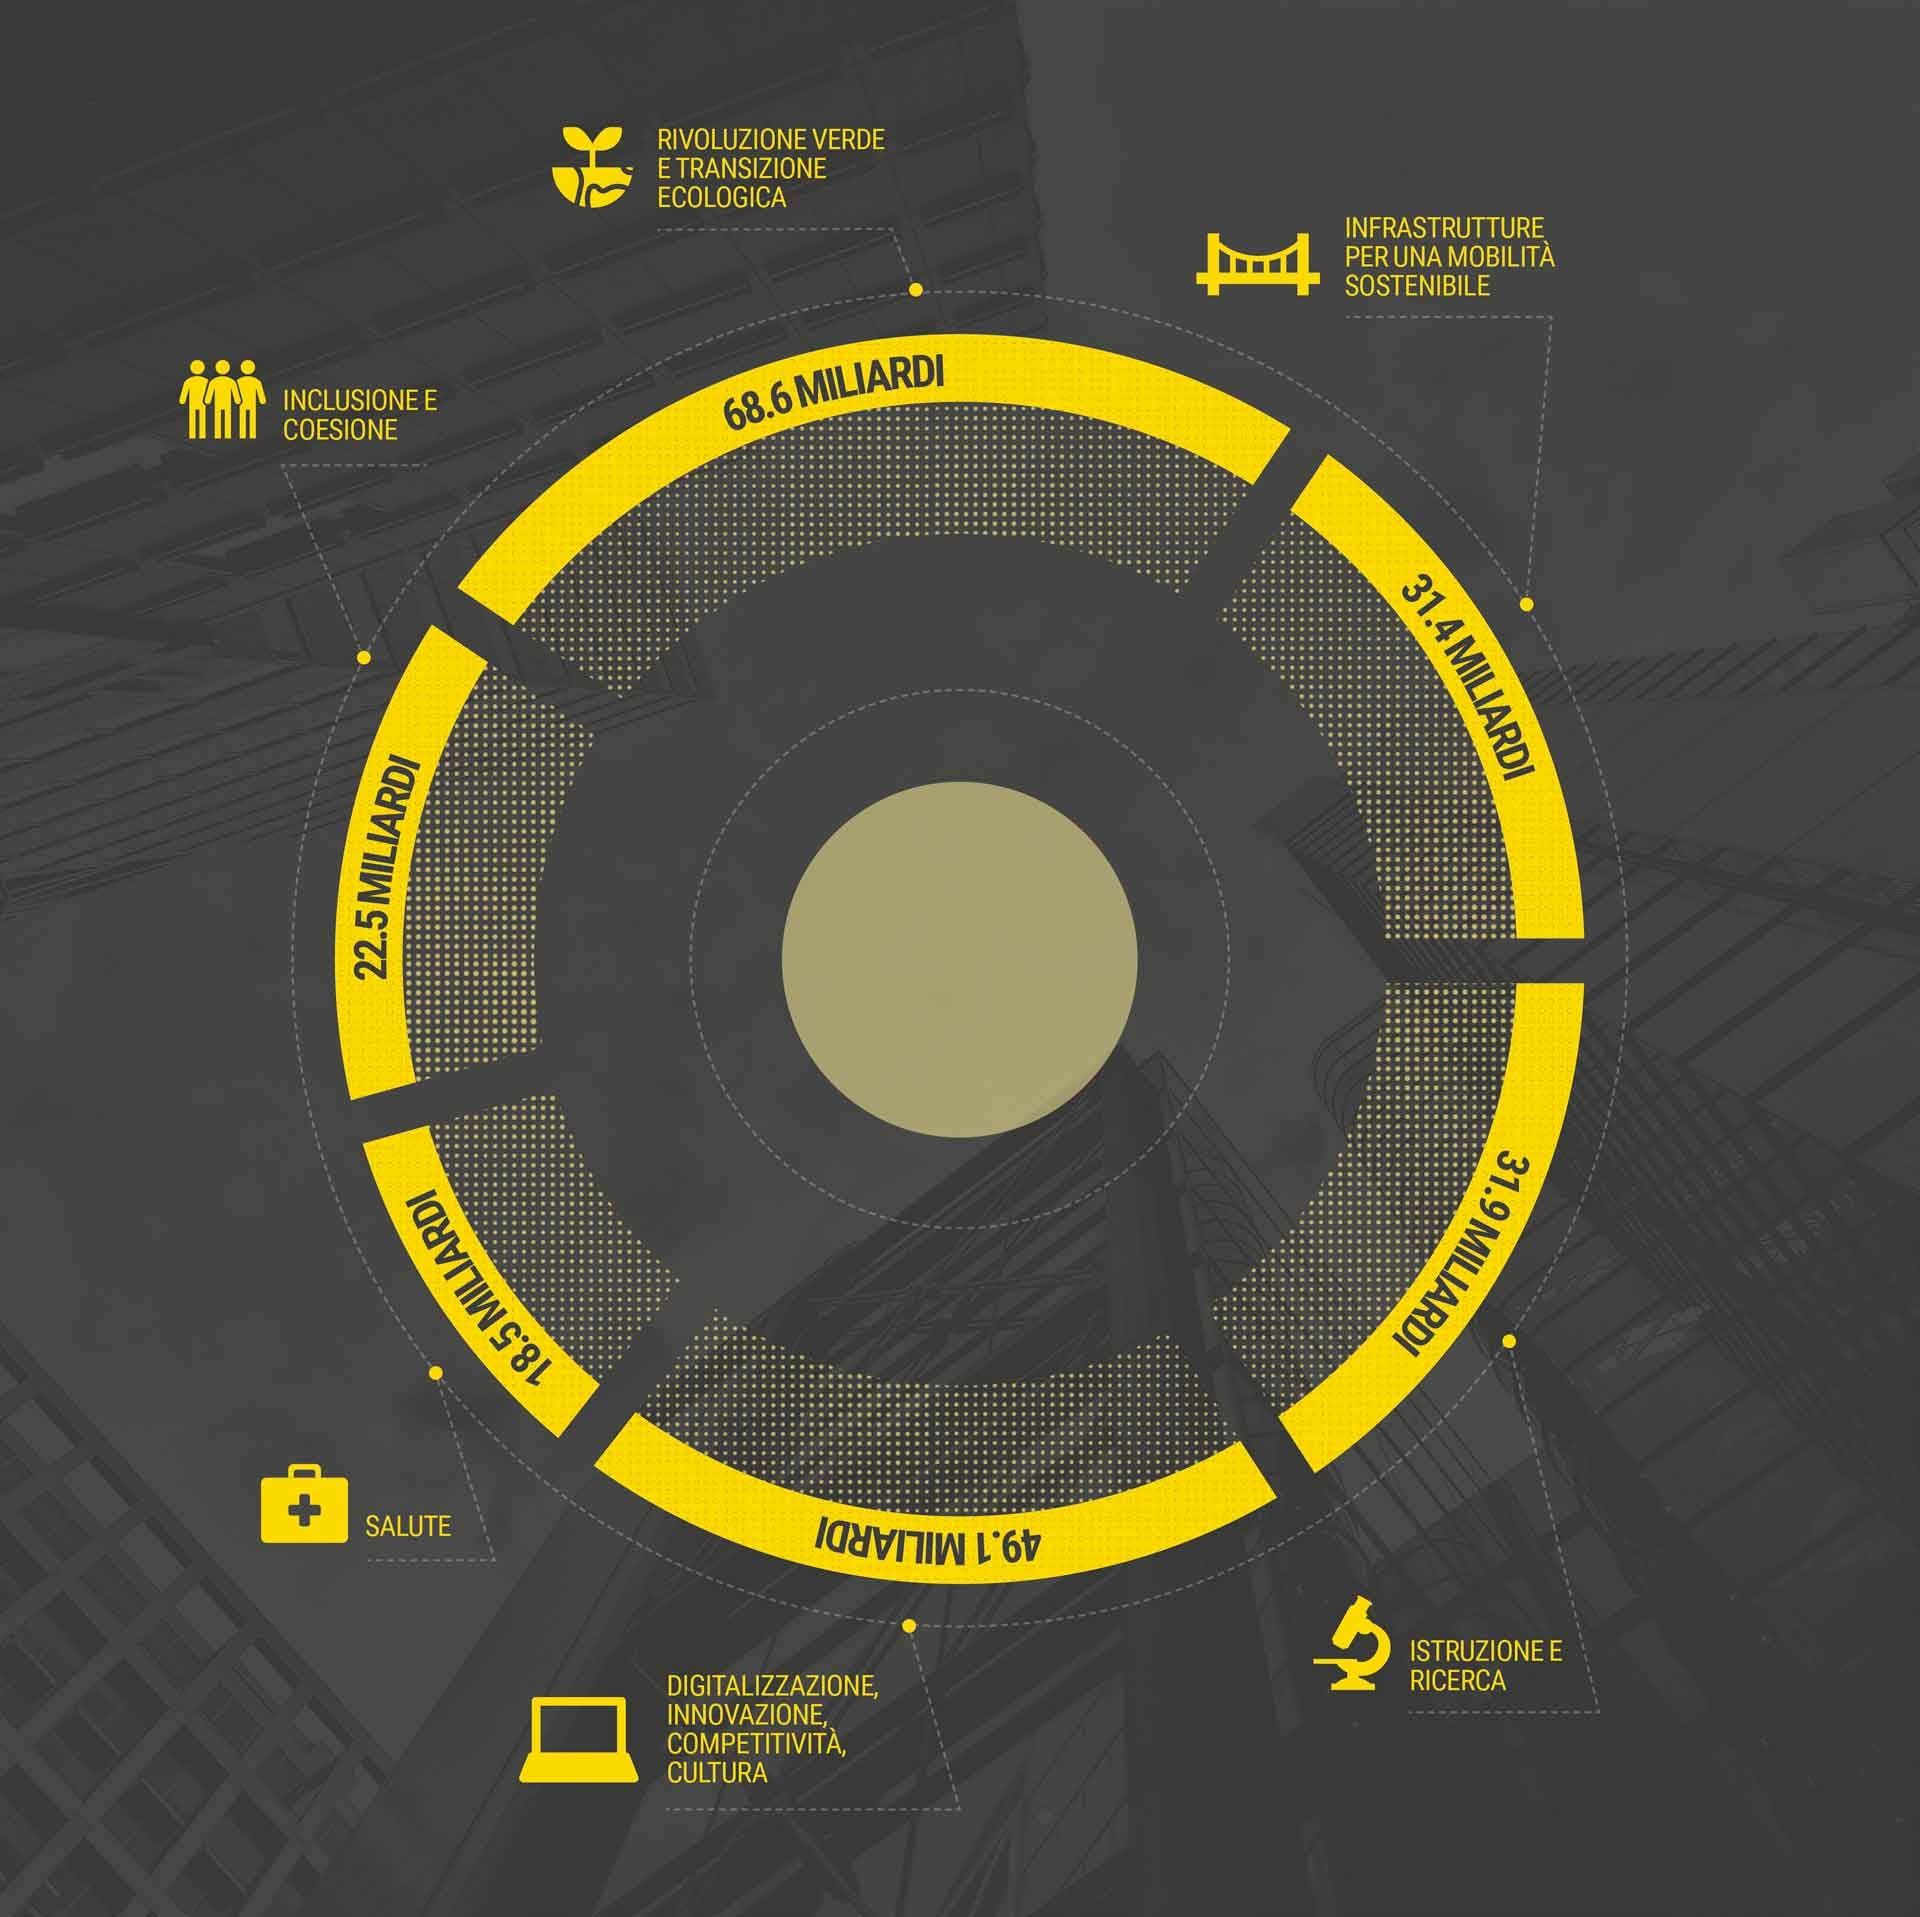 Grafico a torta della ripartizione degli investimenti previsti nel Piano Nazionale di Ripresa e Resilienza